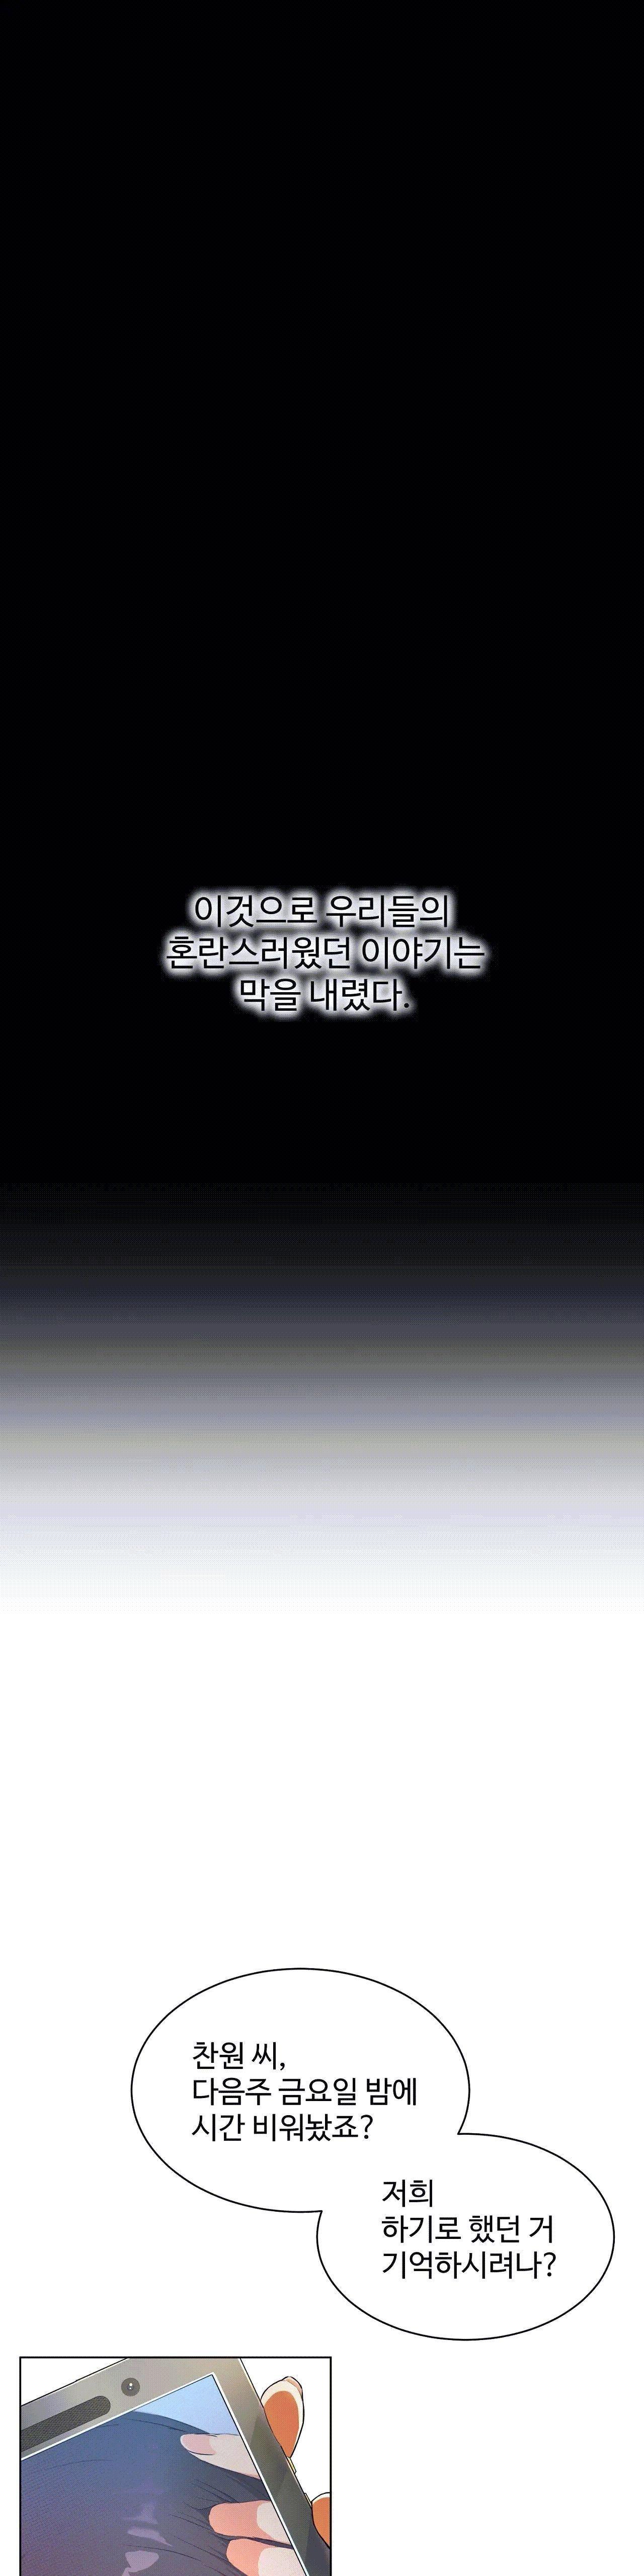 性教育 1-48.5 中文翻译(完結) 447